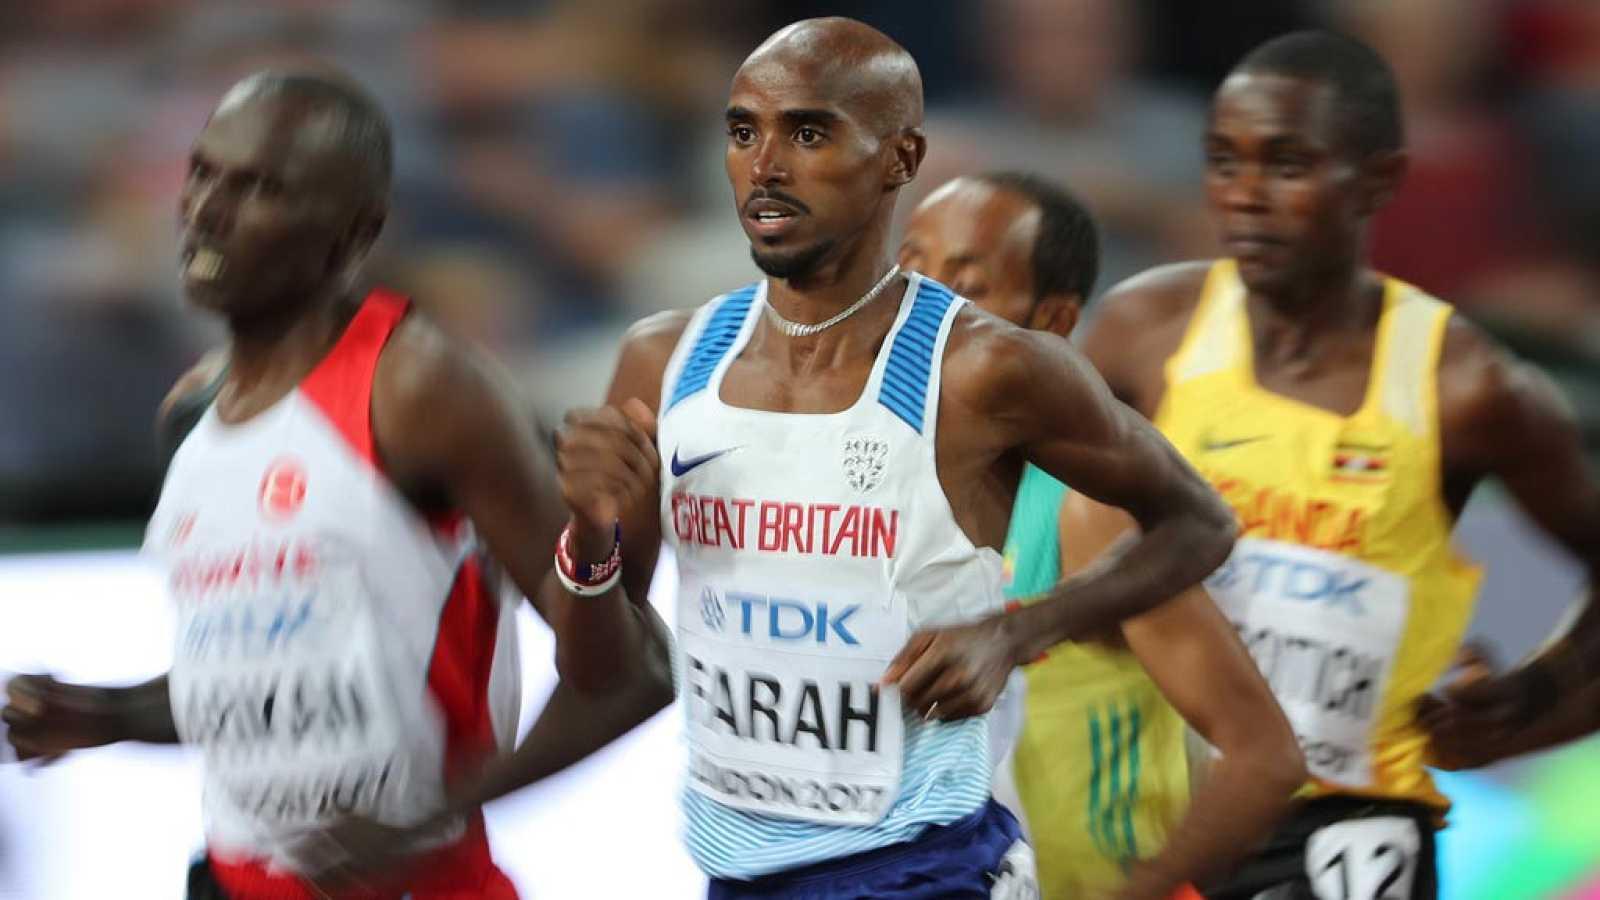 Mundial Atletismo Londres: Vuelve a ver la carrera de los 10.000 metros